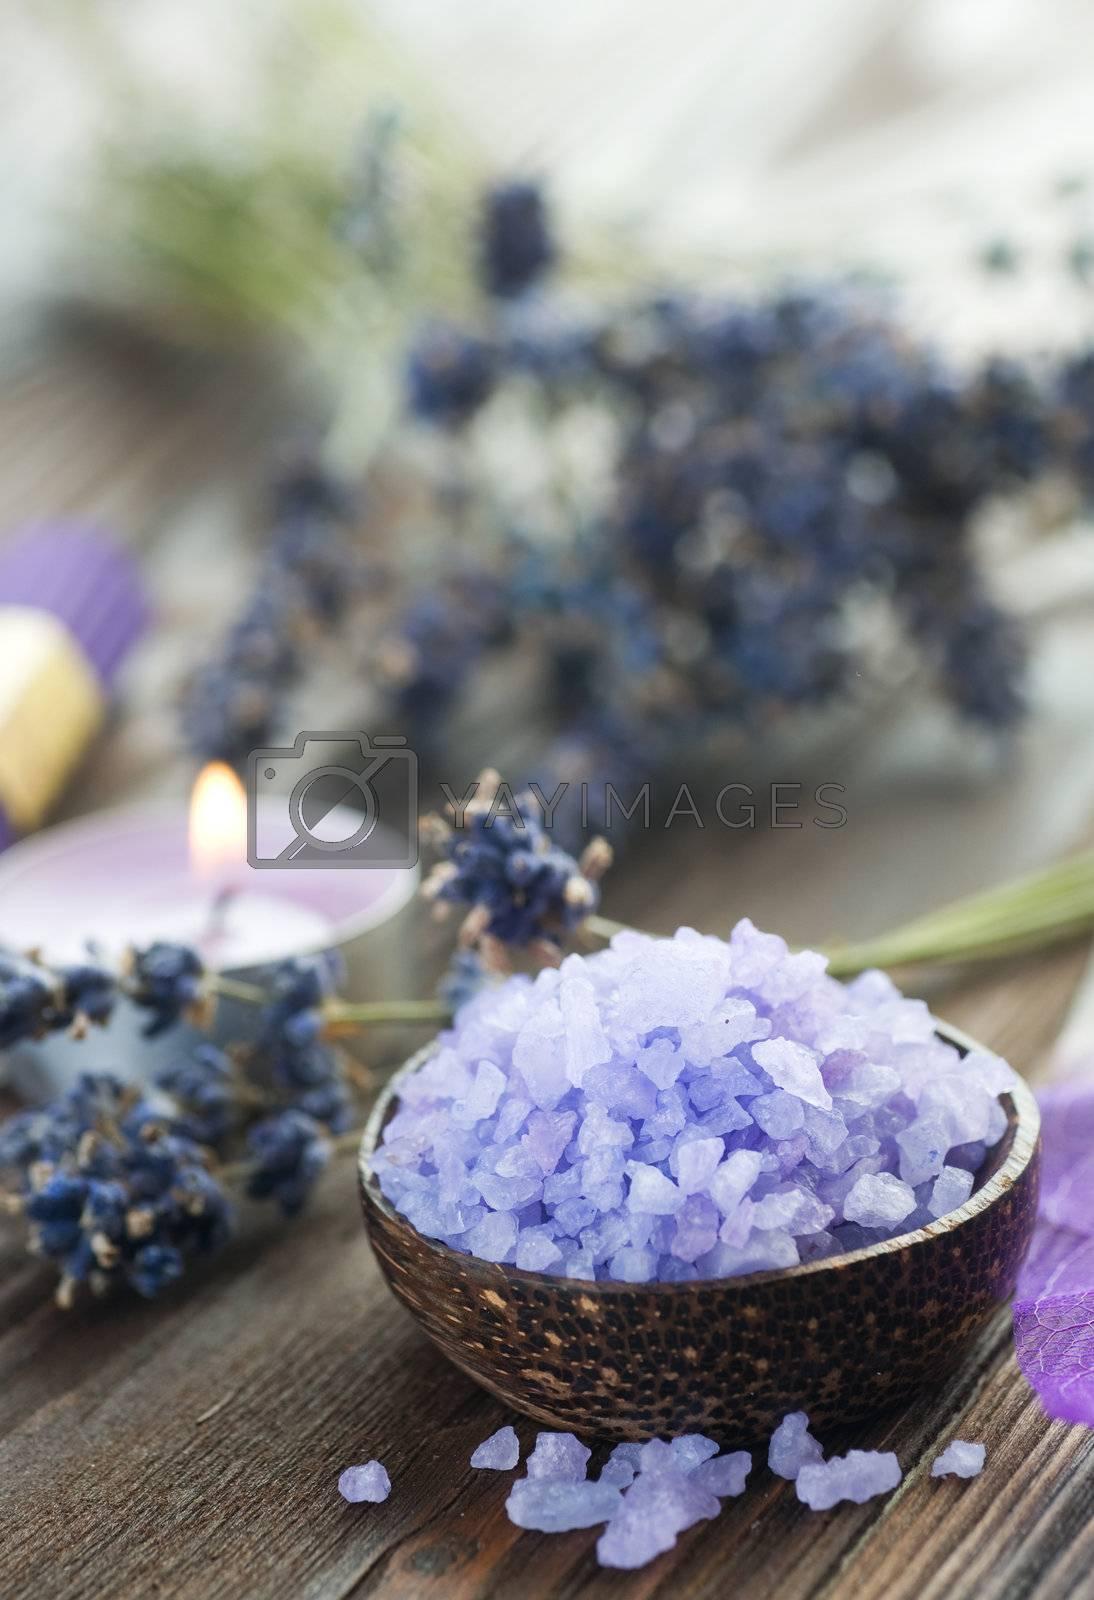 Lavender Spa by Subbotina Anna